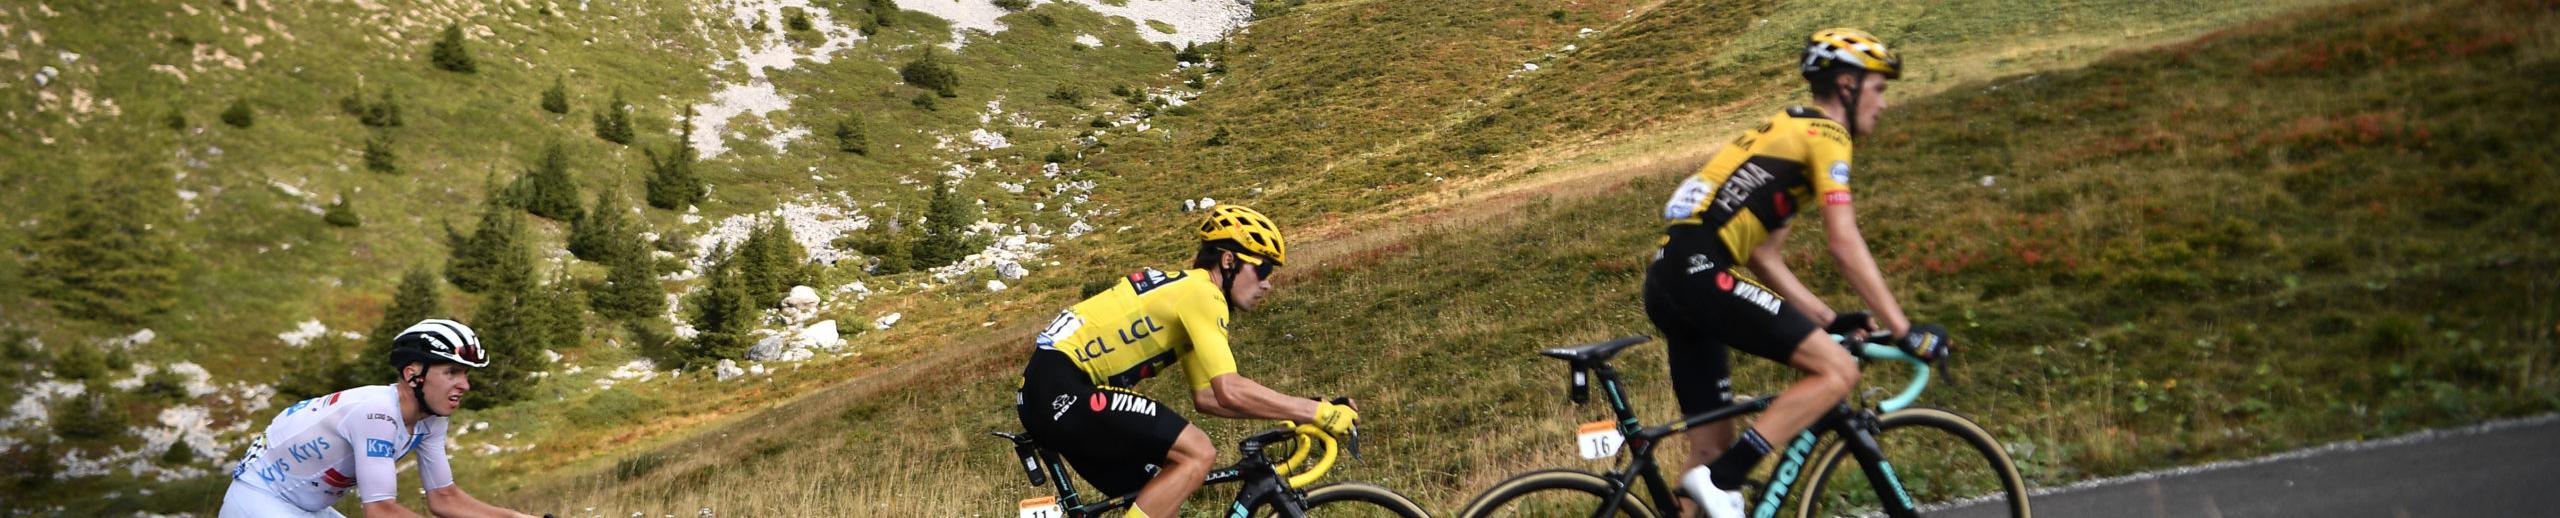 Tour de France 2020, quote e favoriti per la tappa 18: Pogacar si gioca tutto